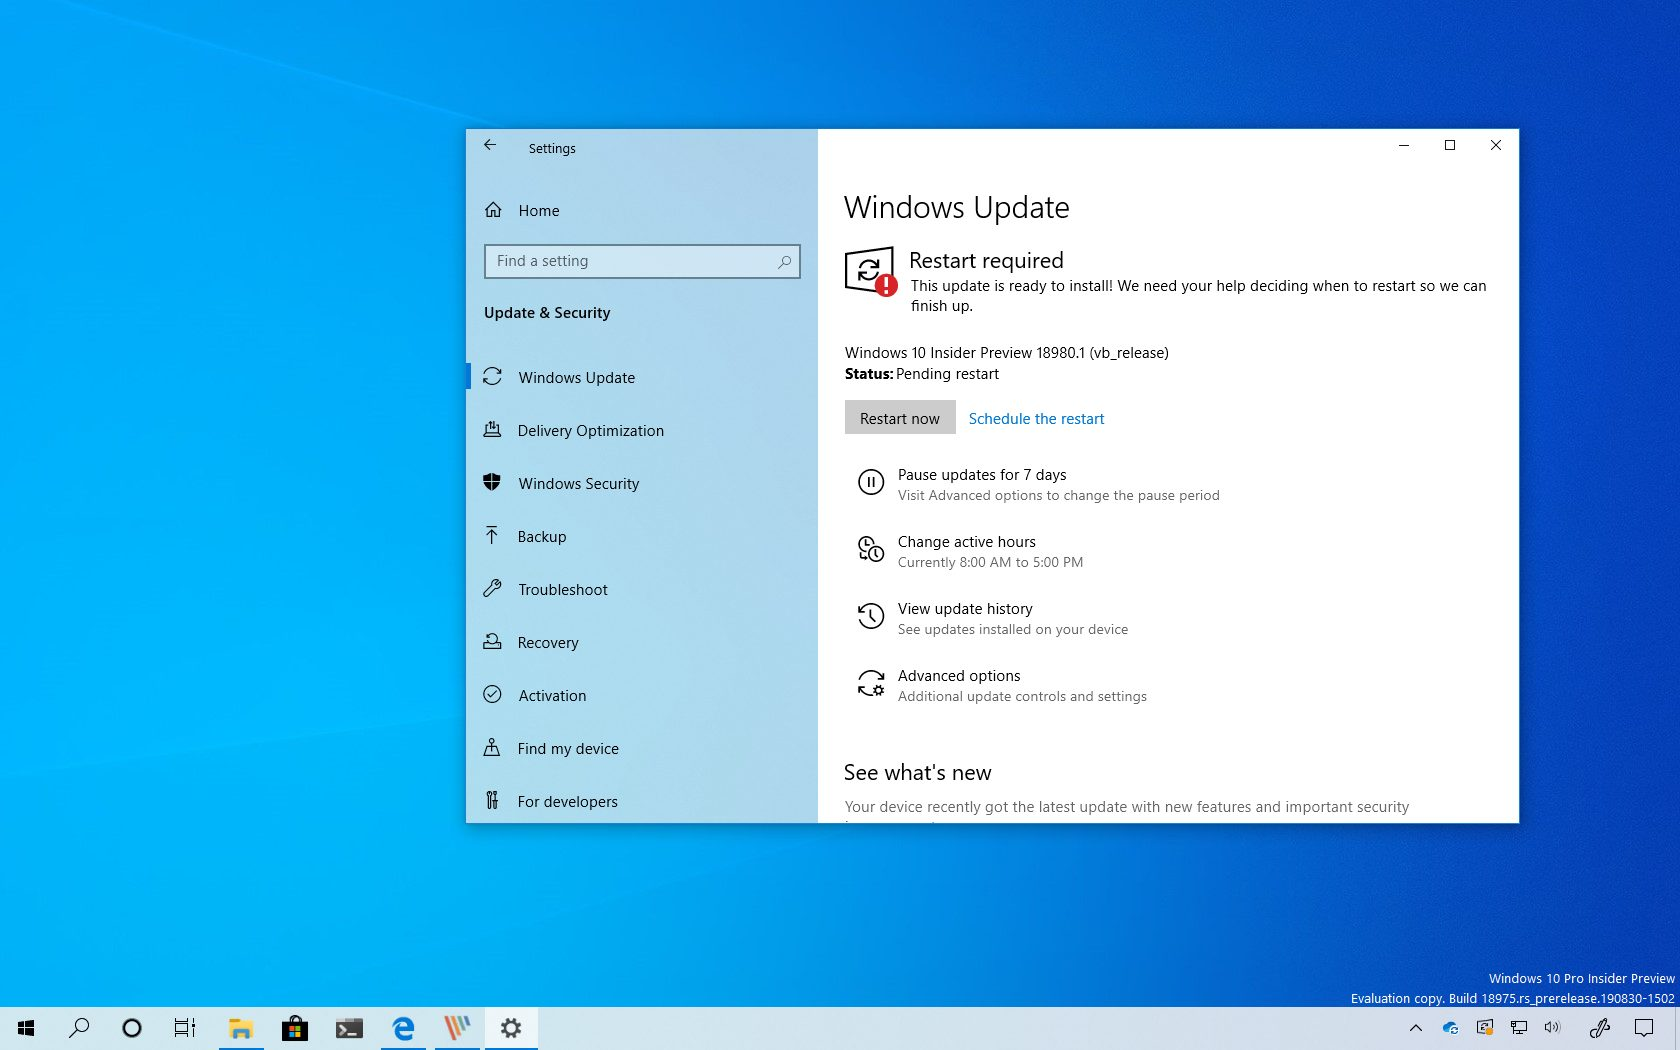 Windows 10 build 18980 (Vibranium) download